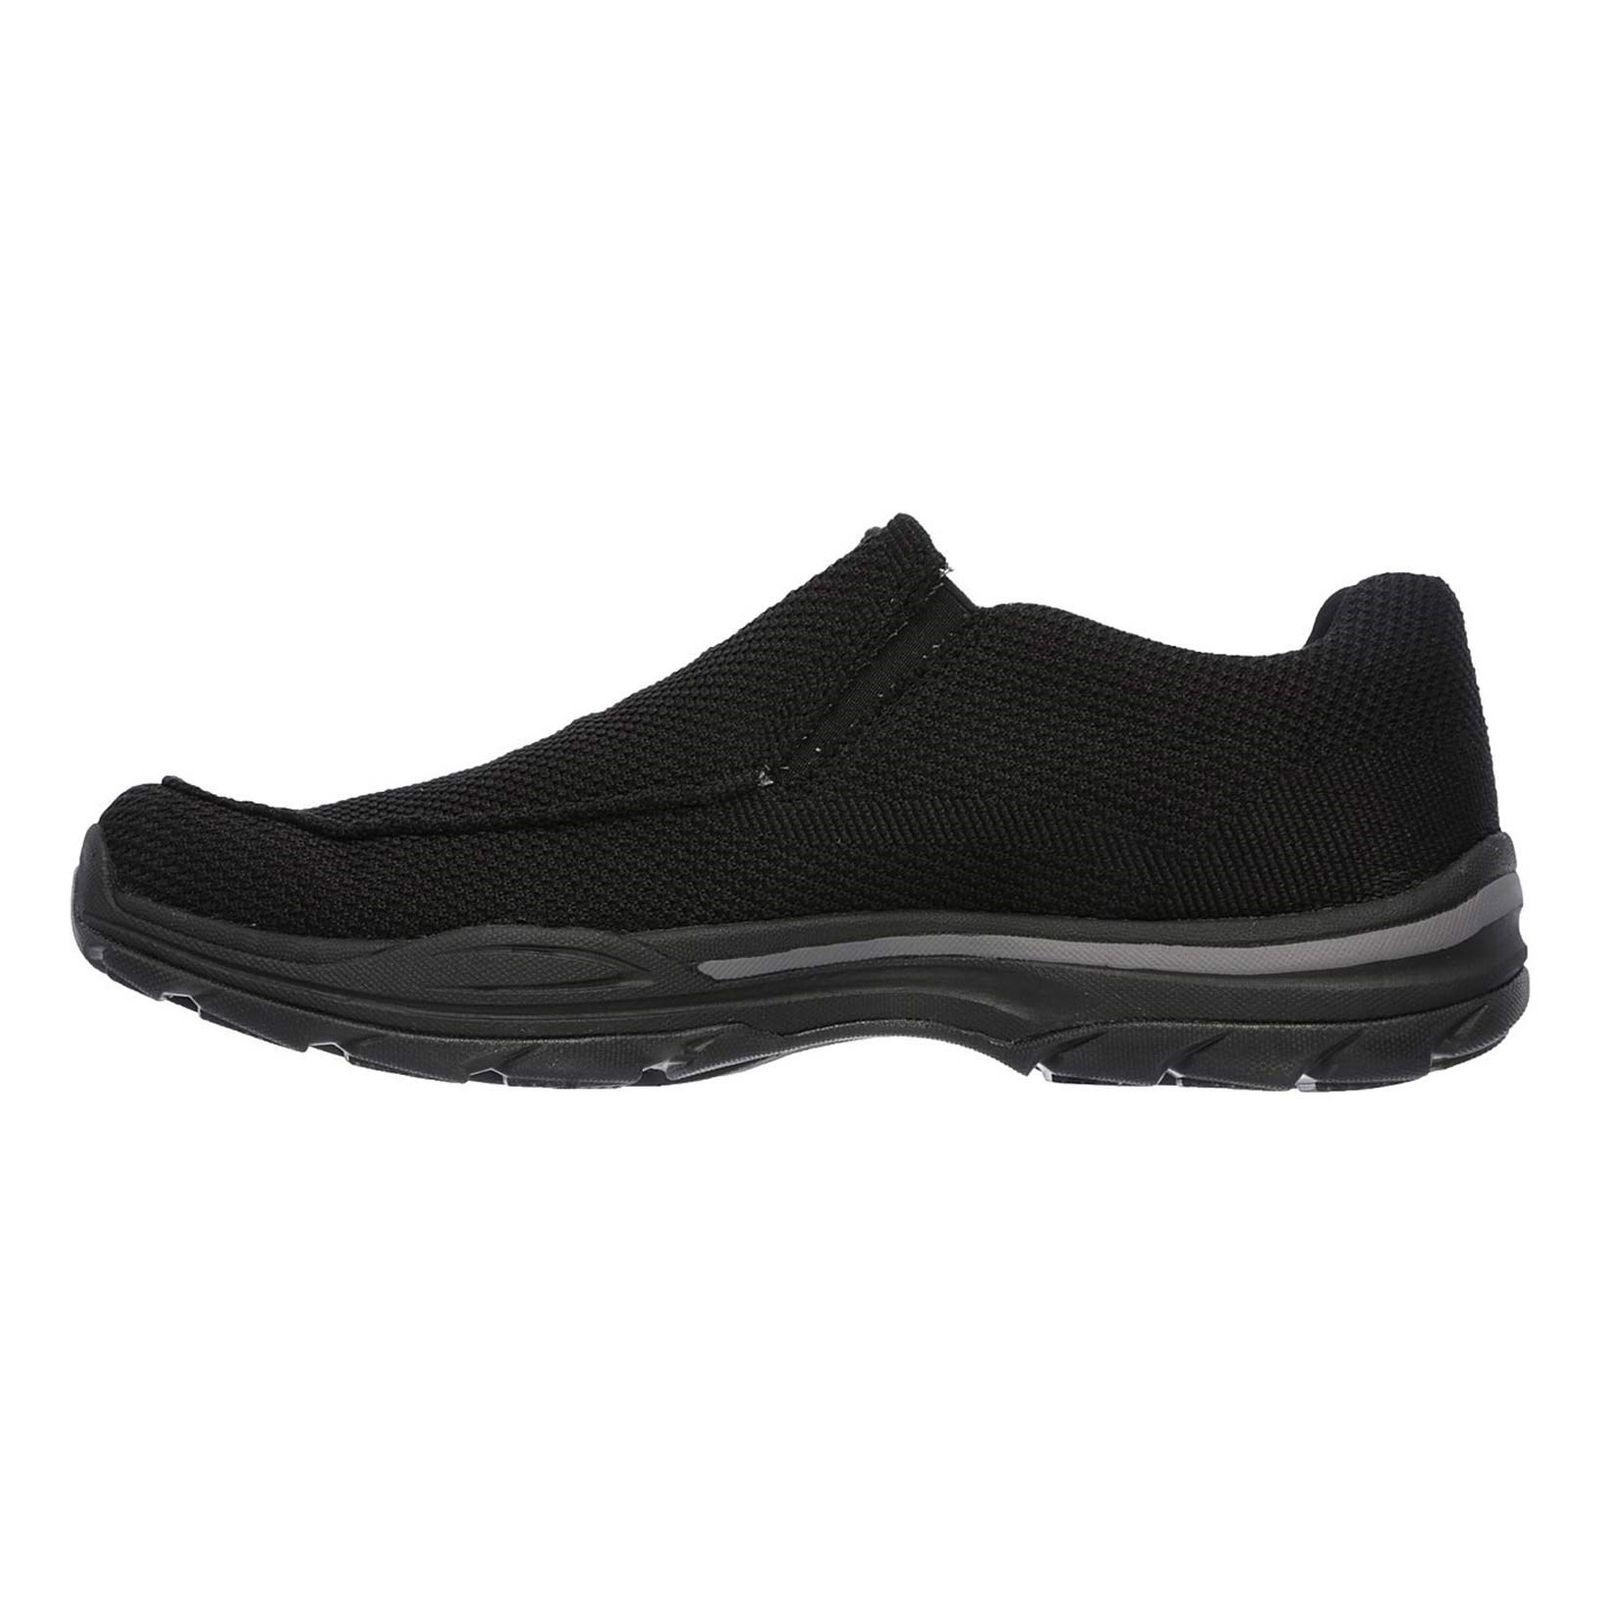 کفش راحتی پارچه ای مردانه Skech-Air Elment Vengo - اسکچرز - مشکي - 6